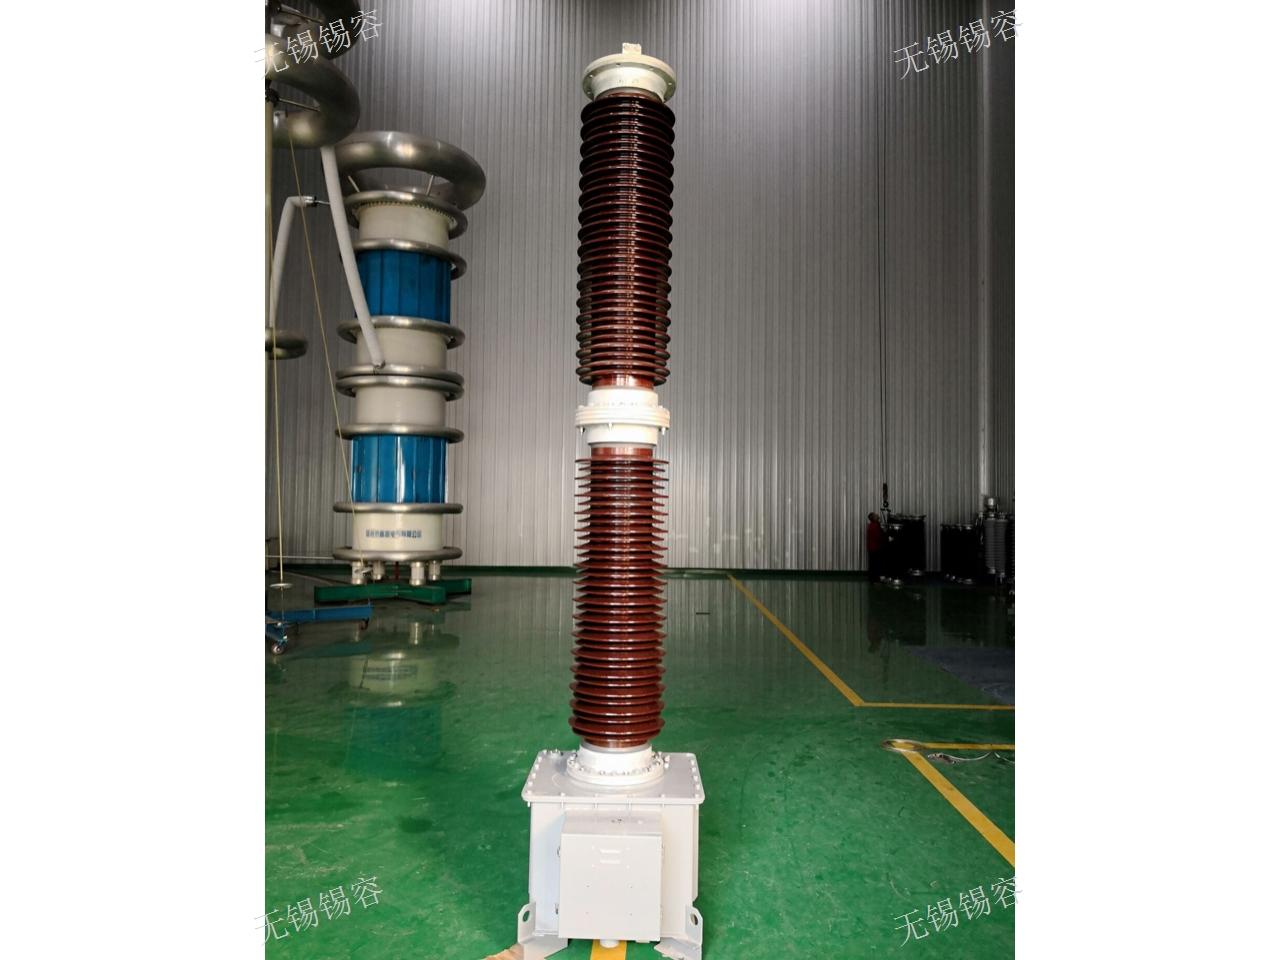 重庆中压电流互感器厂家 值得信赖 无锡市锡容电力电器供应